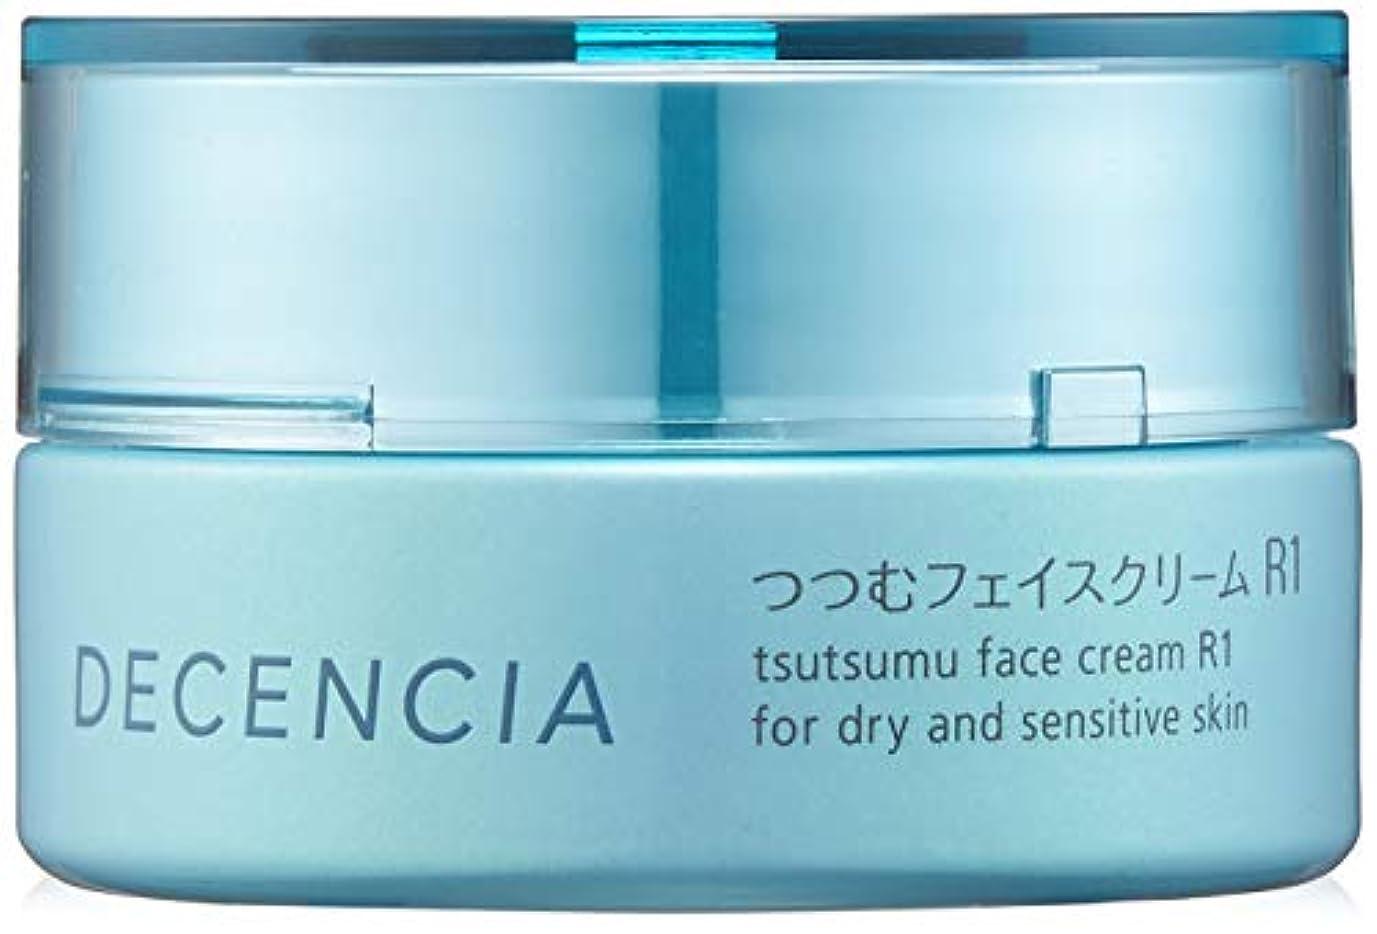 まつげ承認オレンジDECENCIA(ディセンシア) 【乾燥?敏感肌用クリーム】つつむ フェイスクリーム R1 30g